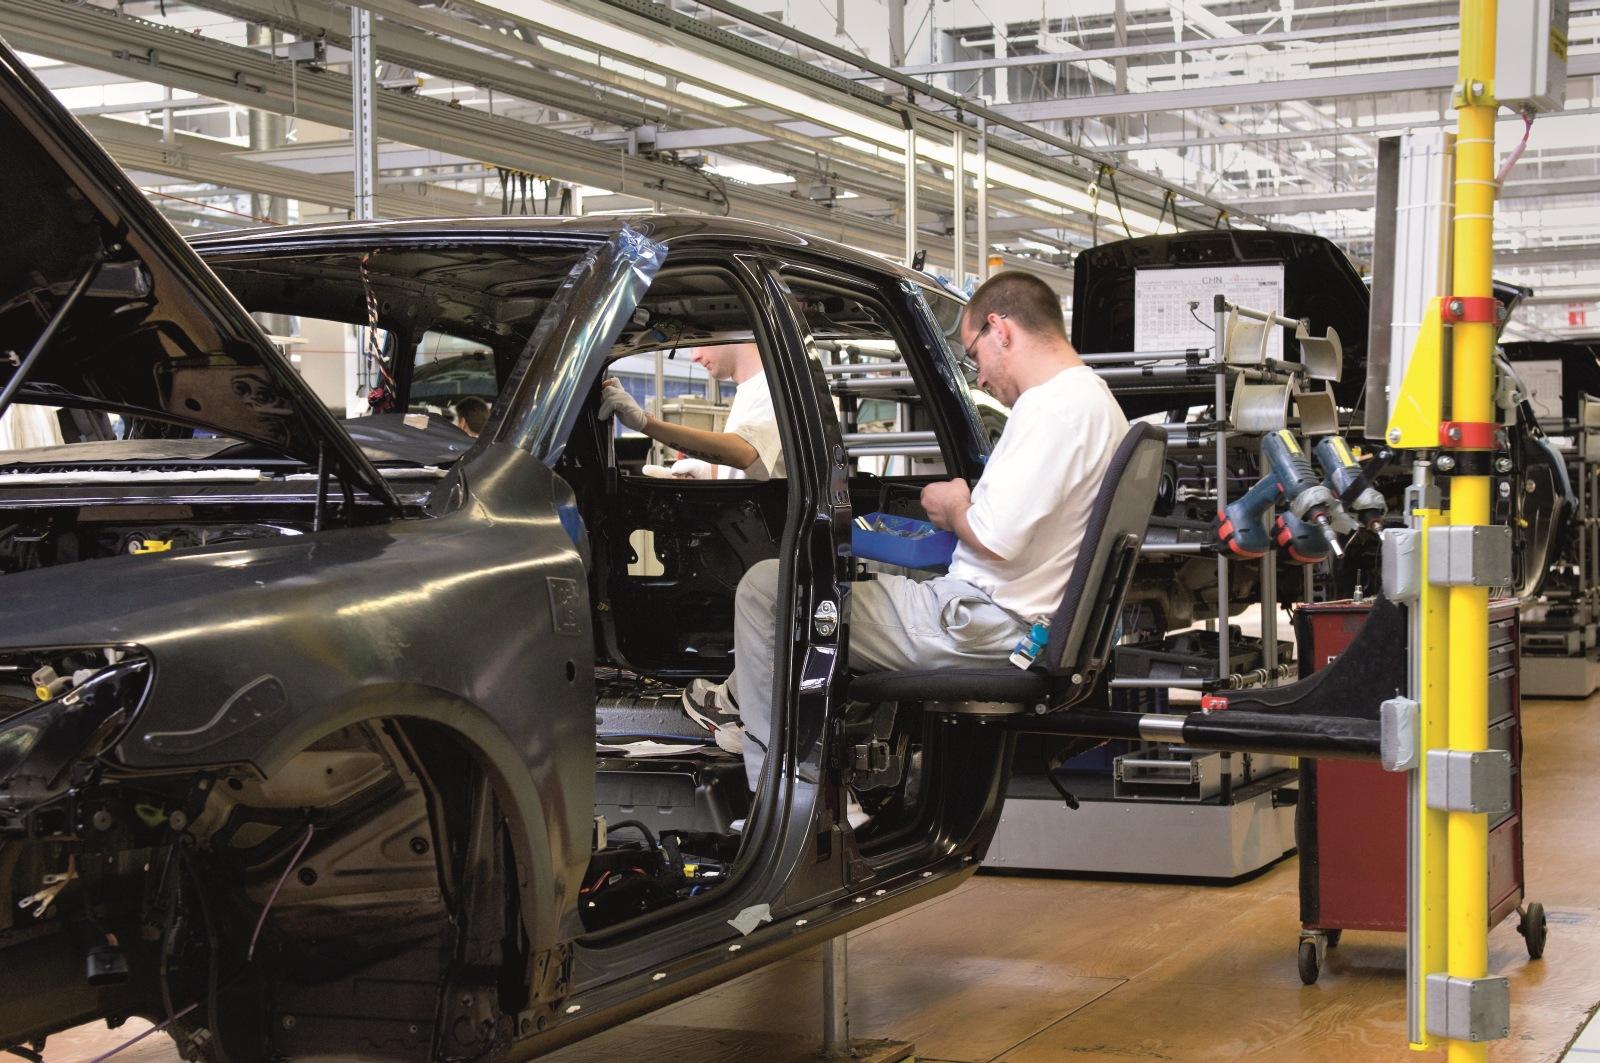 Vyroba aut v SR za r2014 bola vyse 970 000 ks